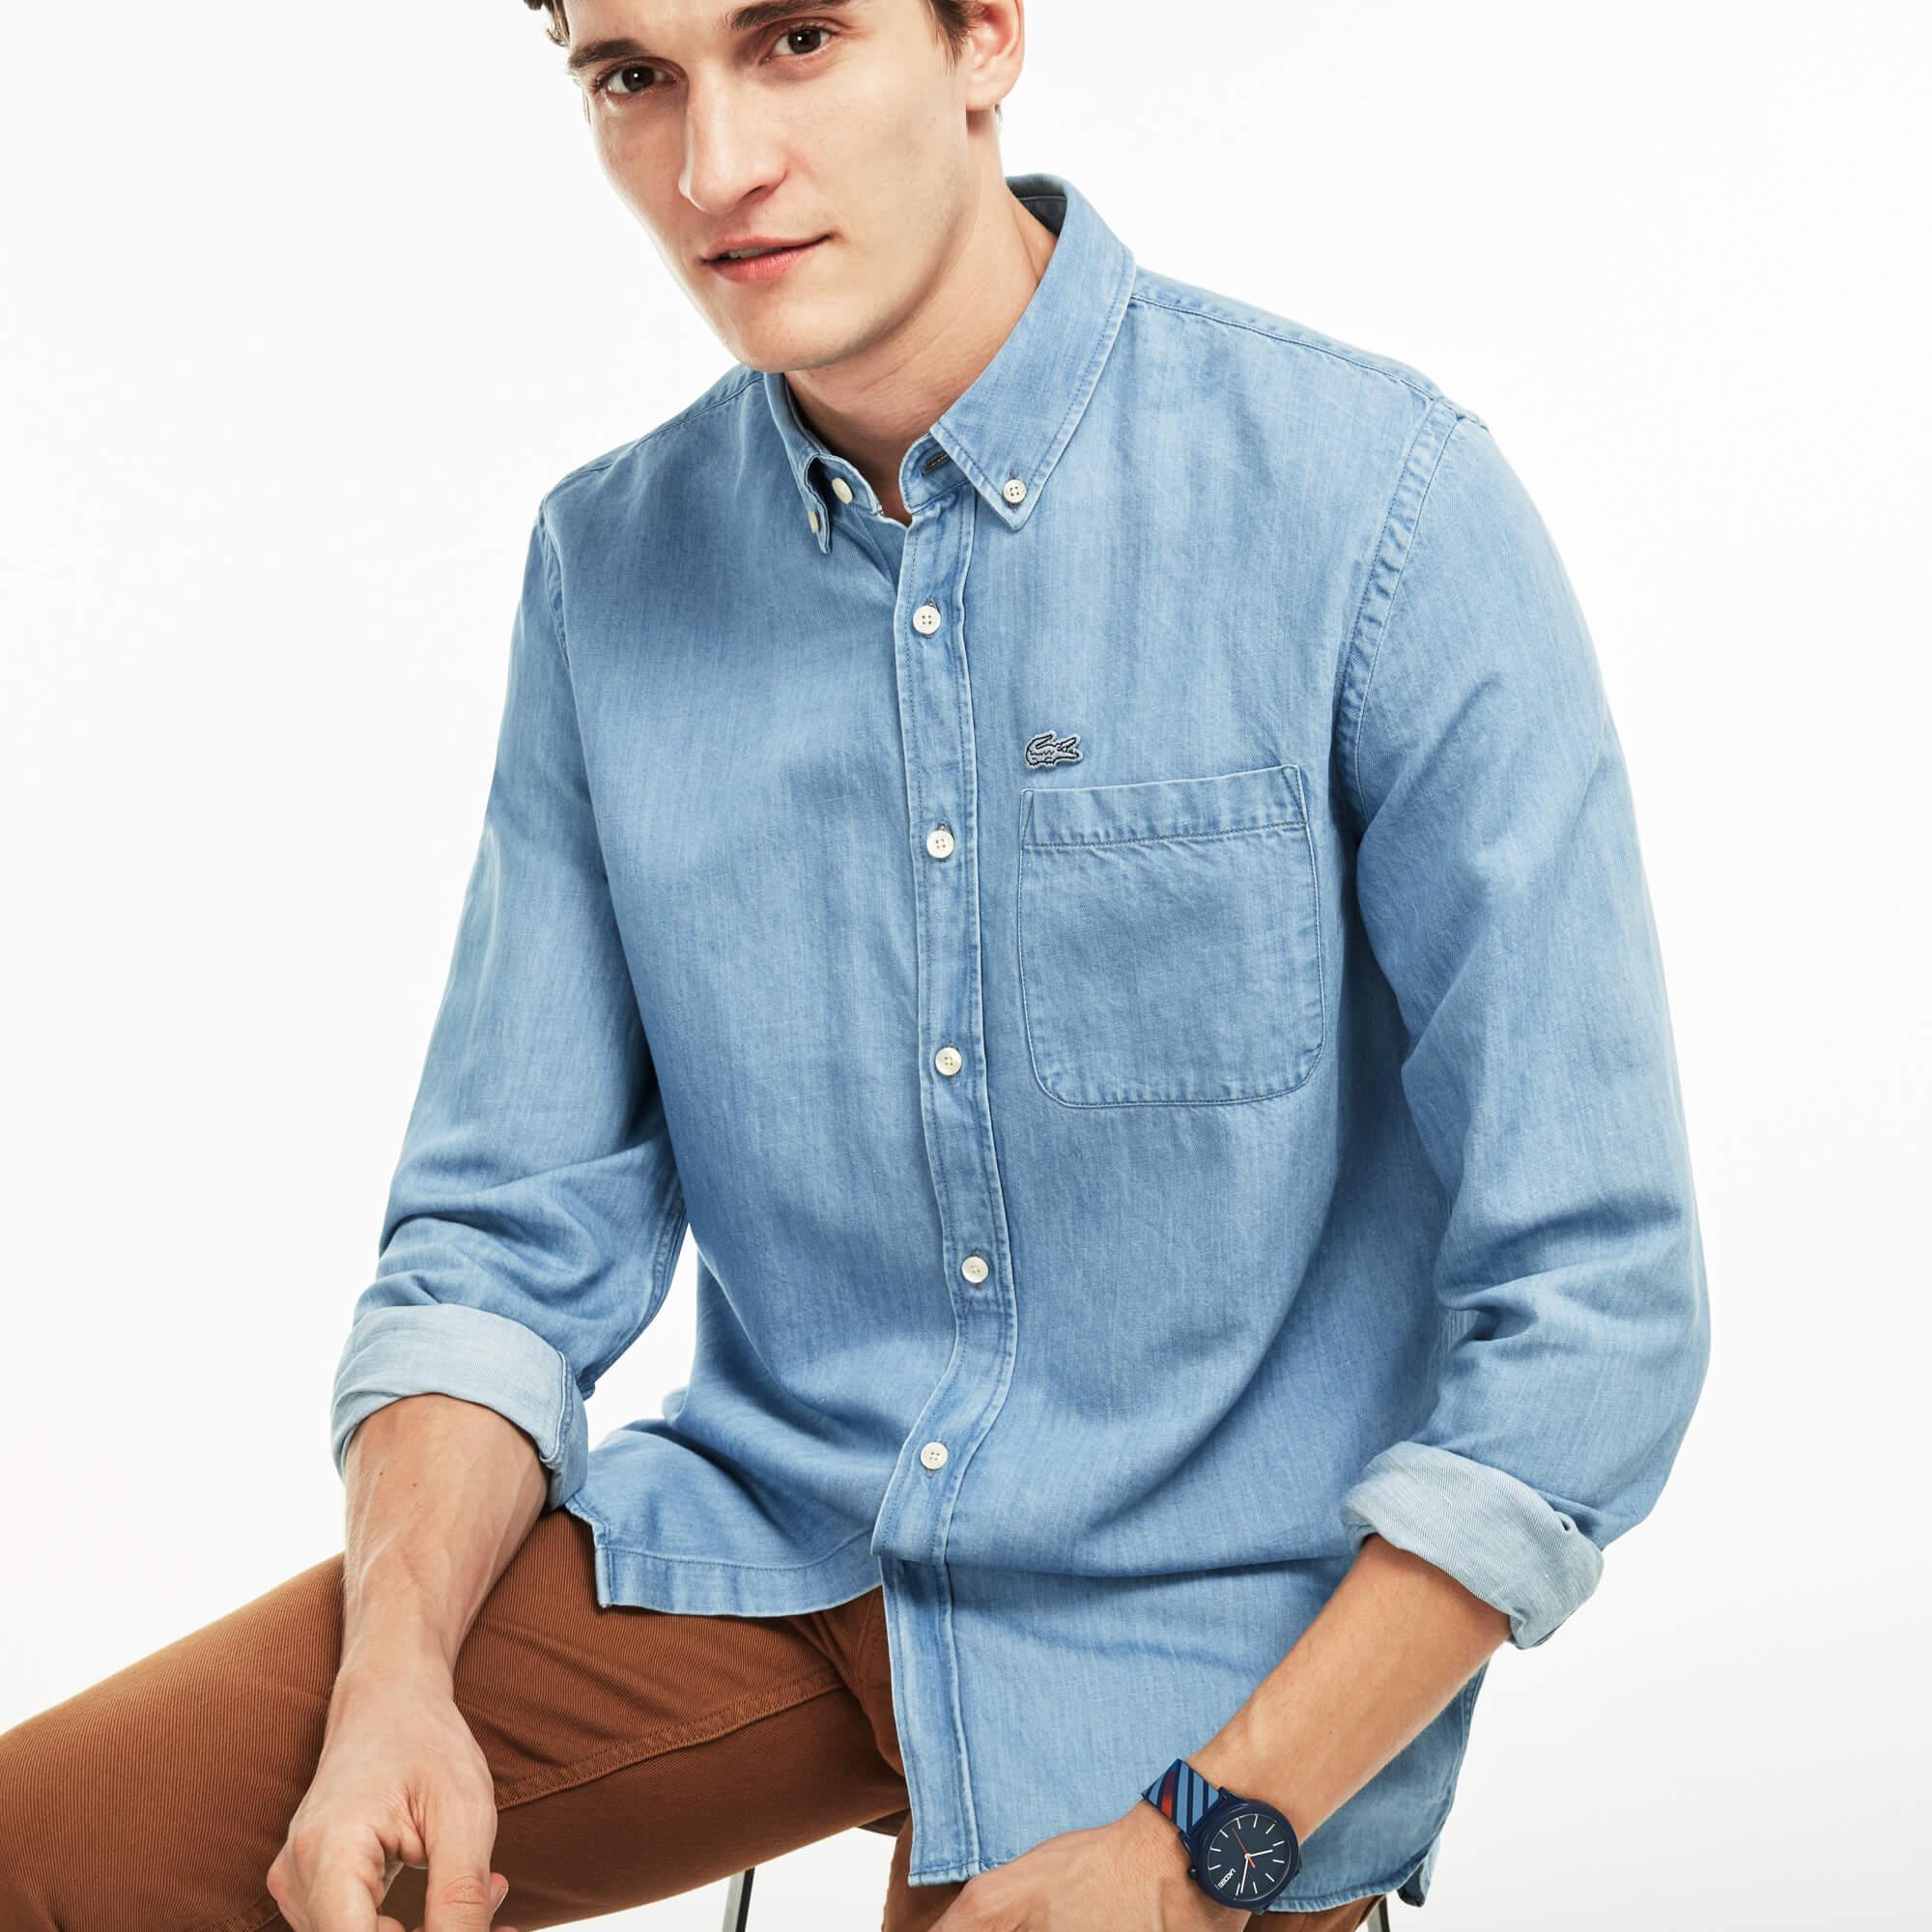 Lacoste Erkek Denim Mavi Gömlek